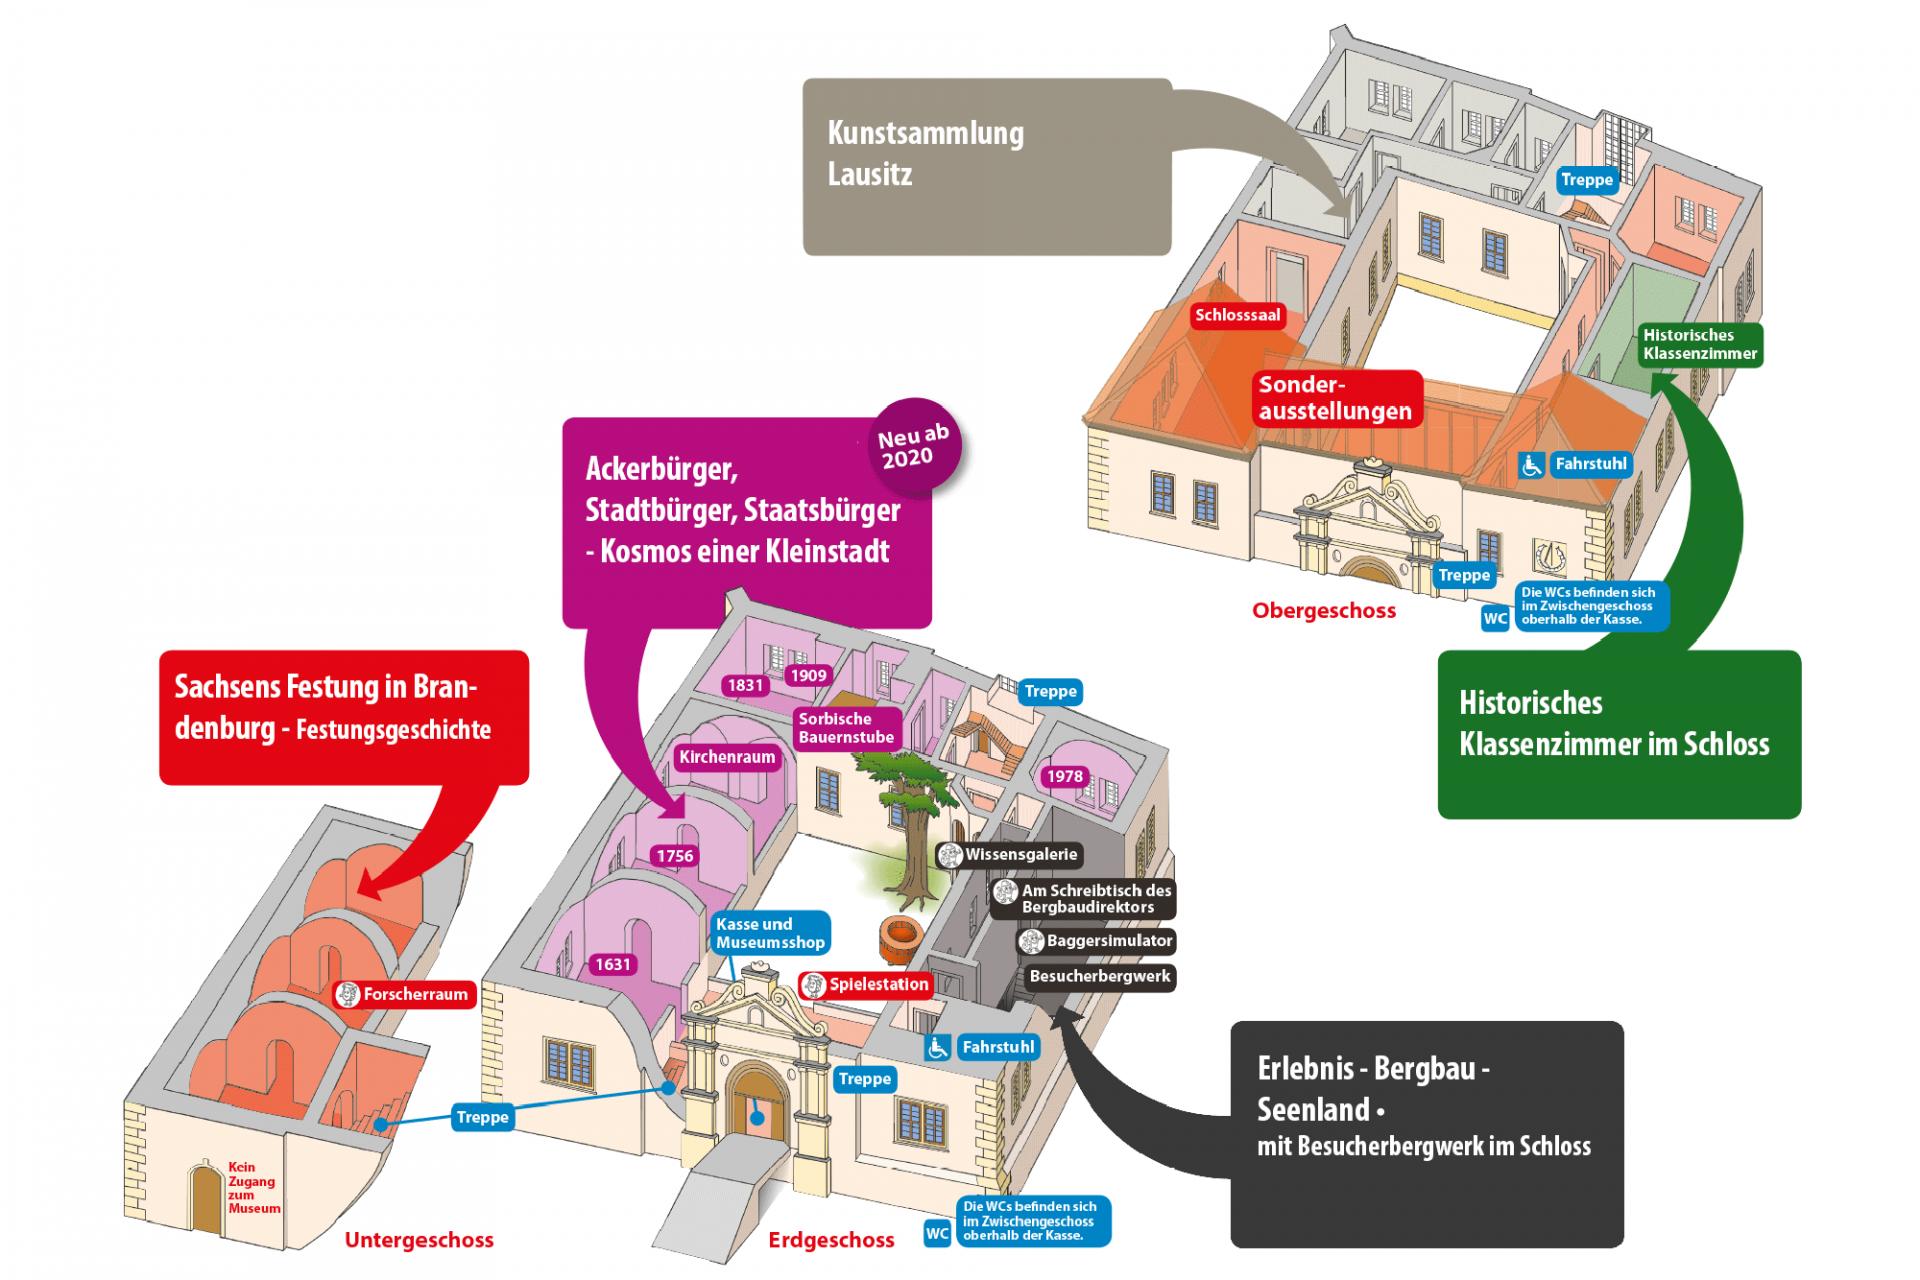 Lageplan_Ausstellungen im Schloss Illustration: Sönke Hollstein